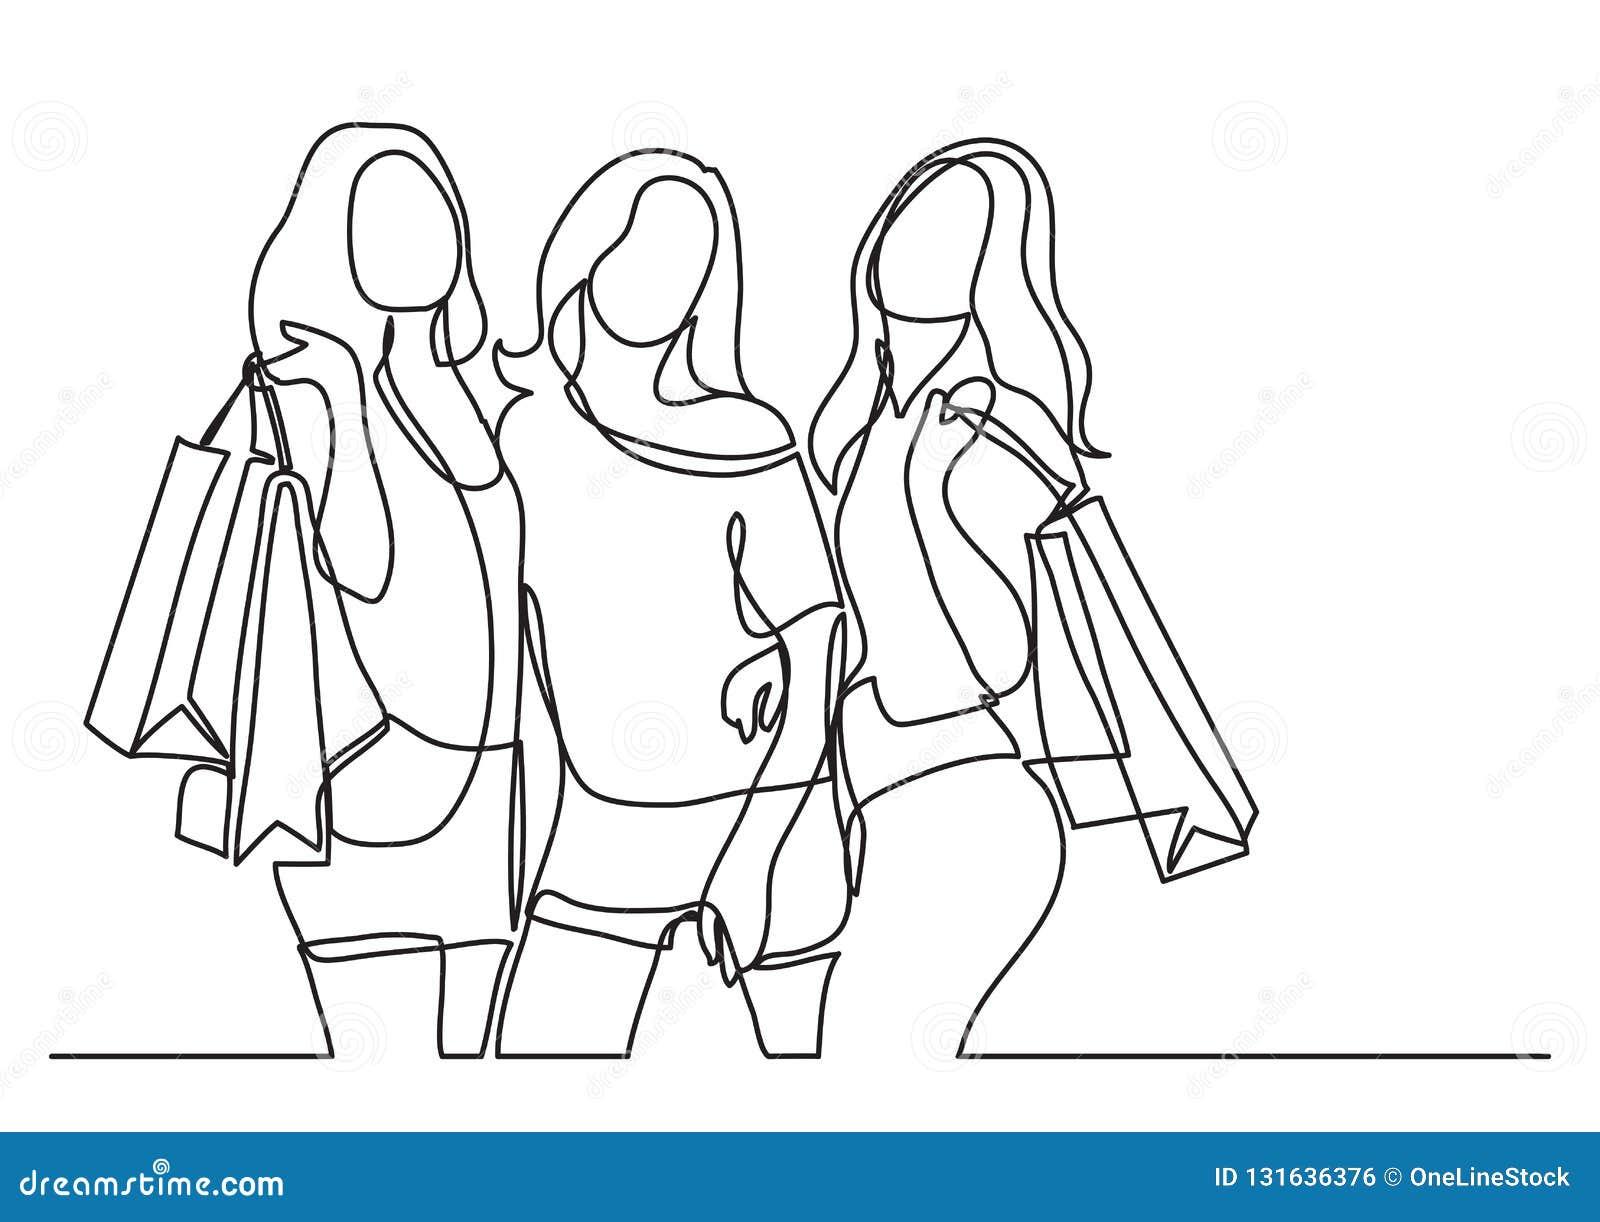 Trois femmes heureuses faisant des emplettes - dessin au trait continu